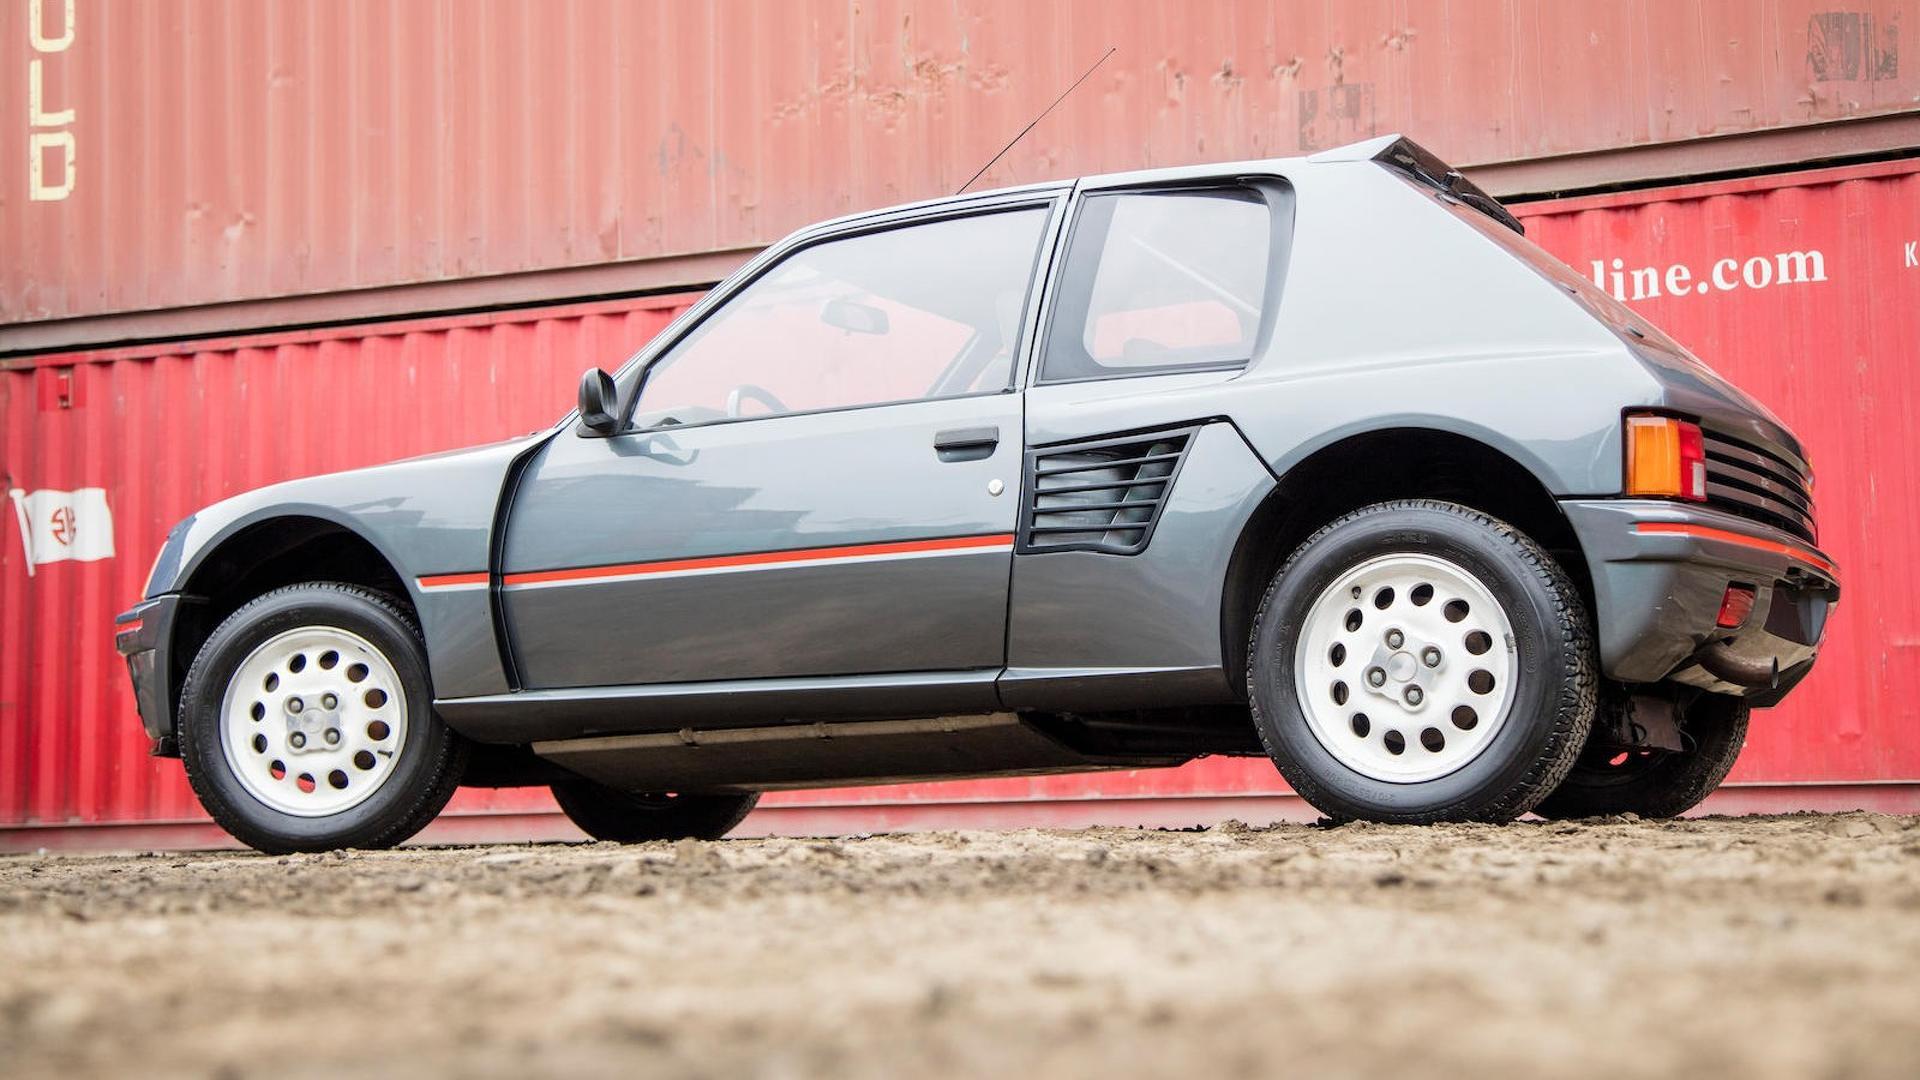 1985_Peugeot_205_Turbo_16_10